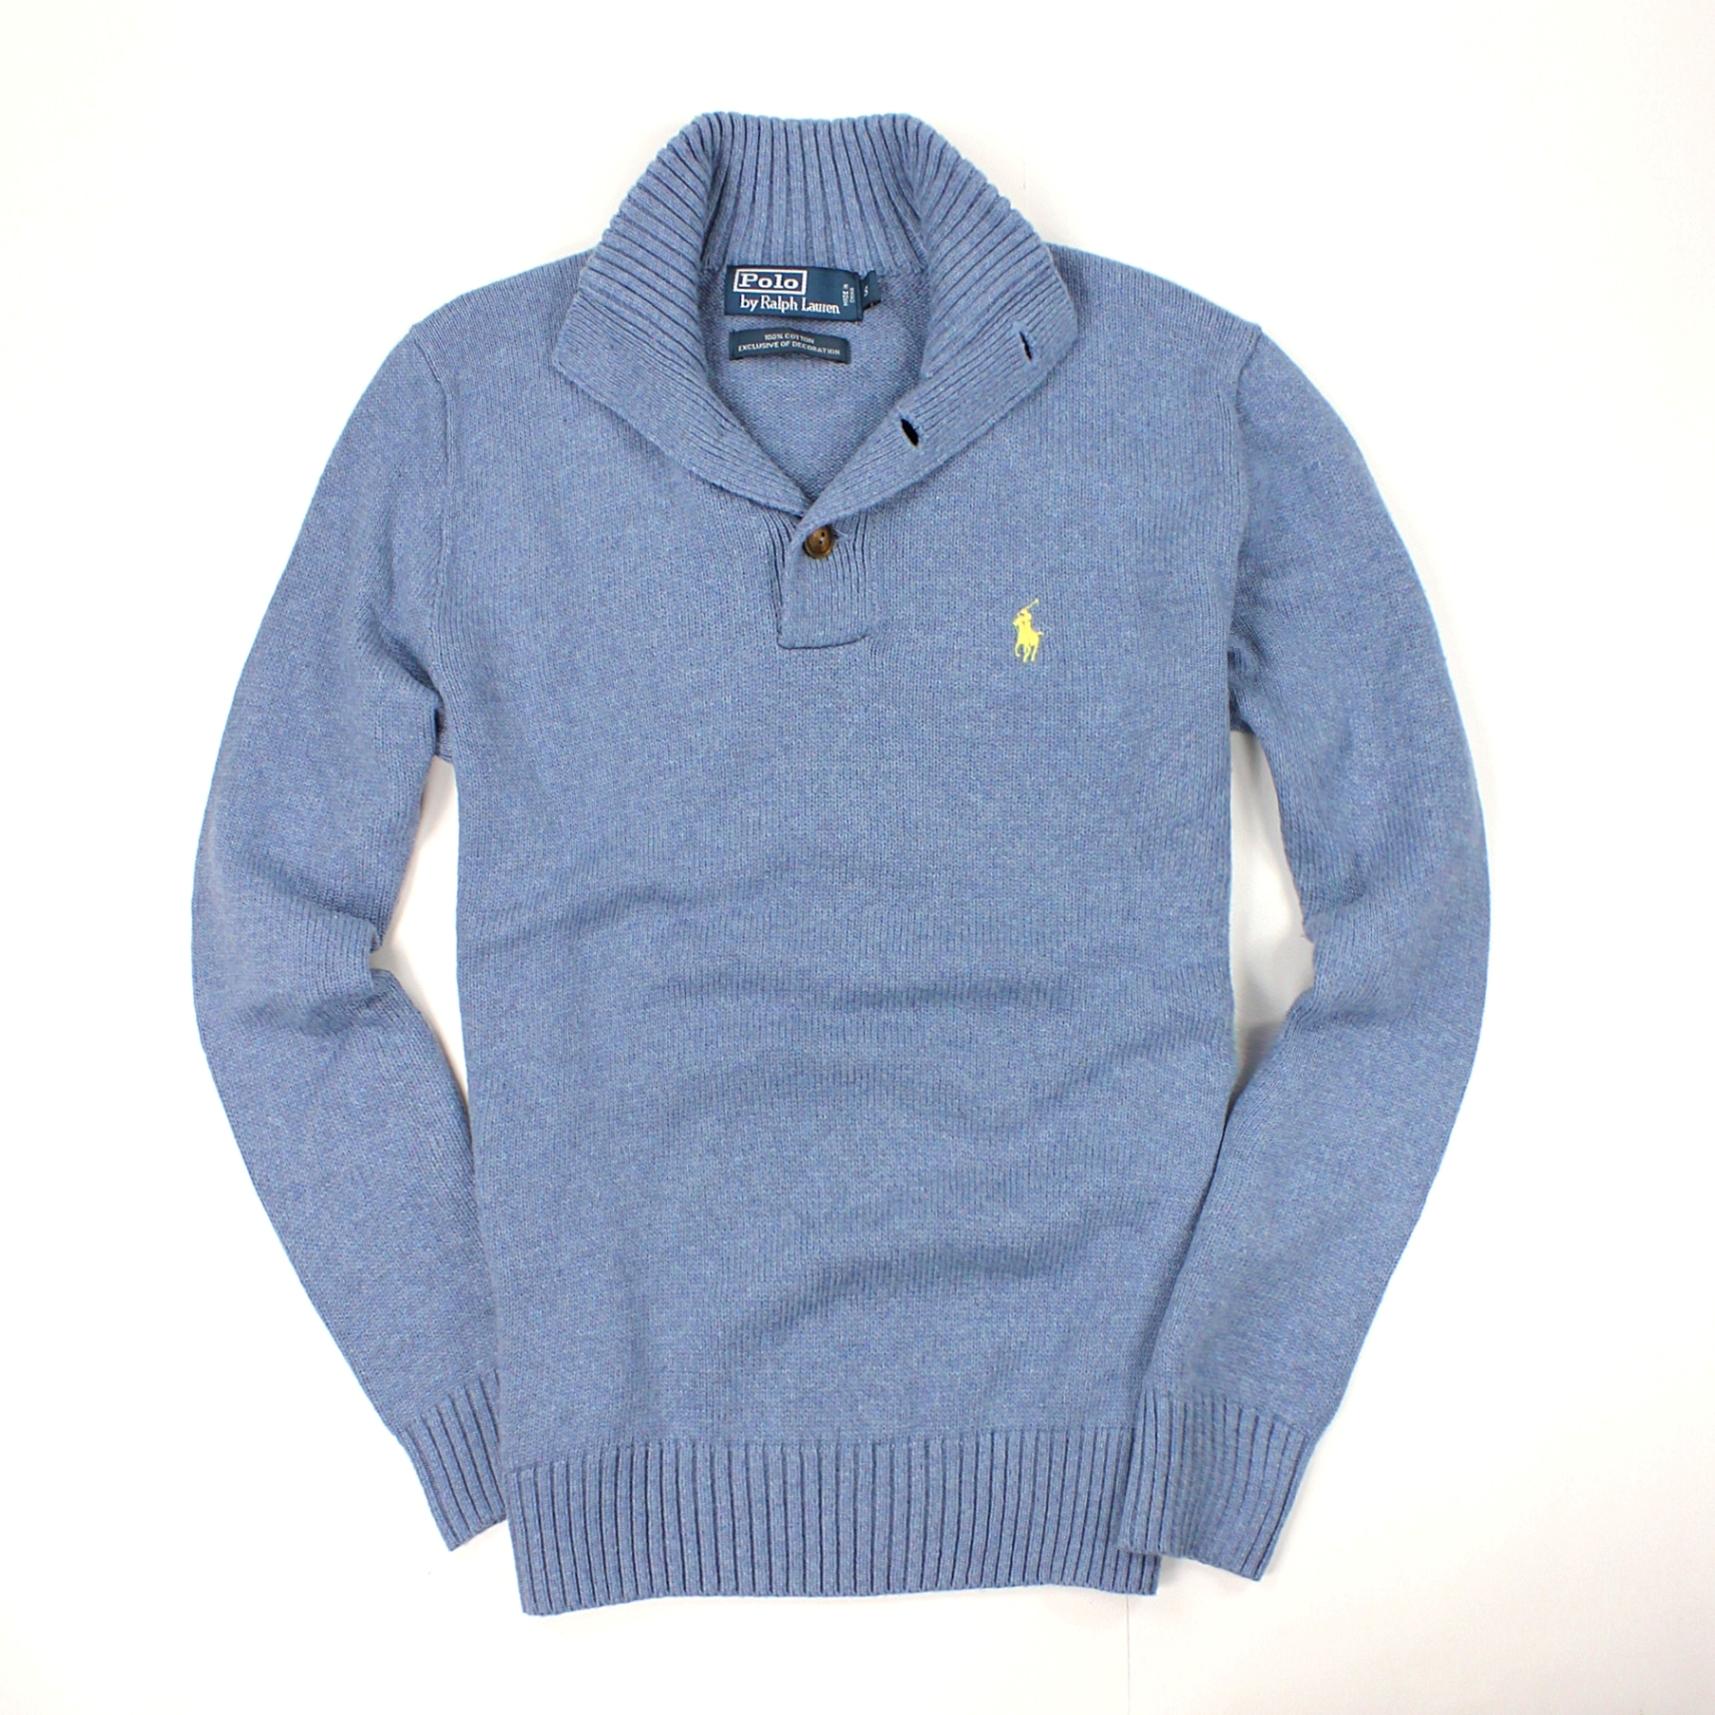 美國百分百【全新真品】Ralph Lauren 針織衫 RL 棉質毛衣 Polo 小馬 藍 立領 厚棉 大尺 男 S M XL A068